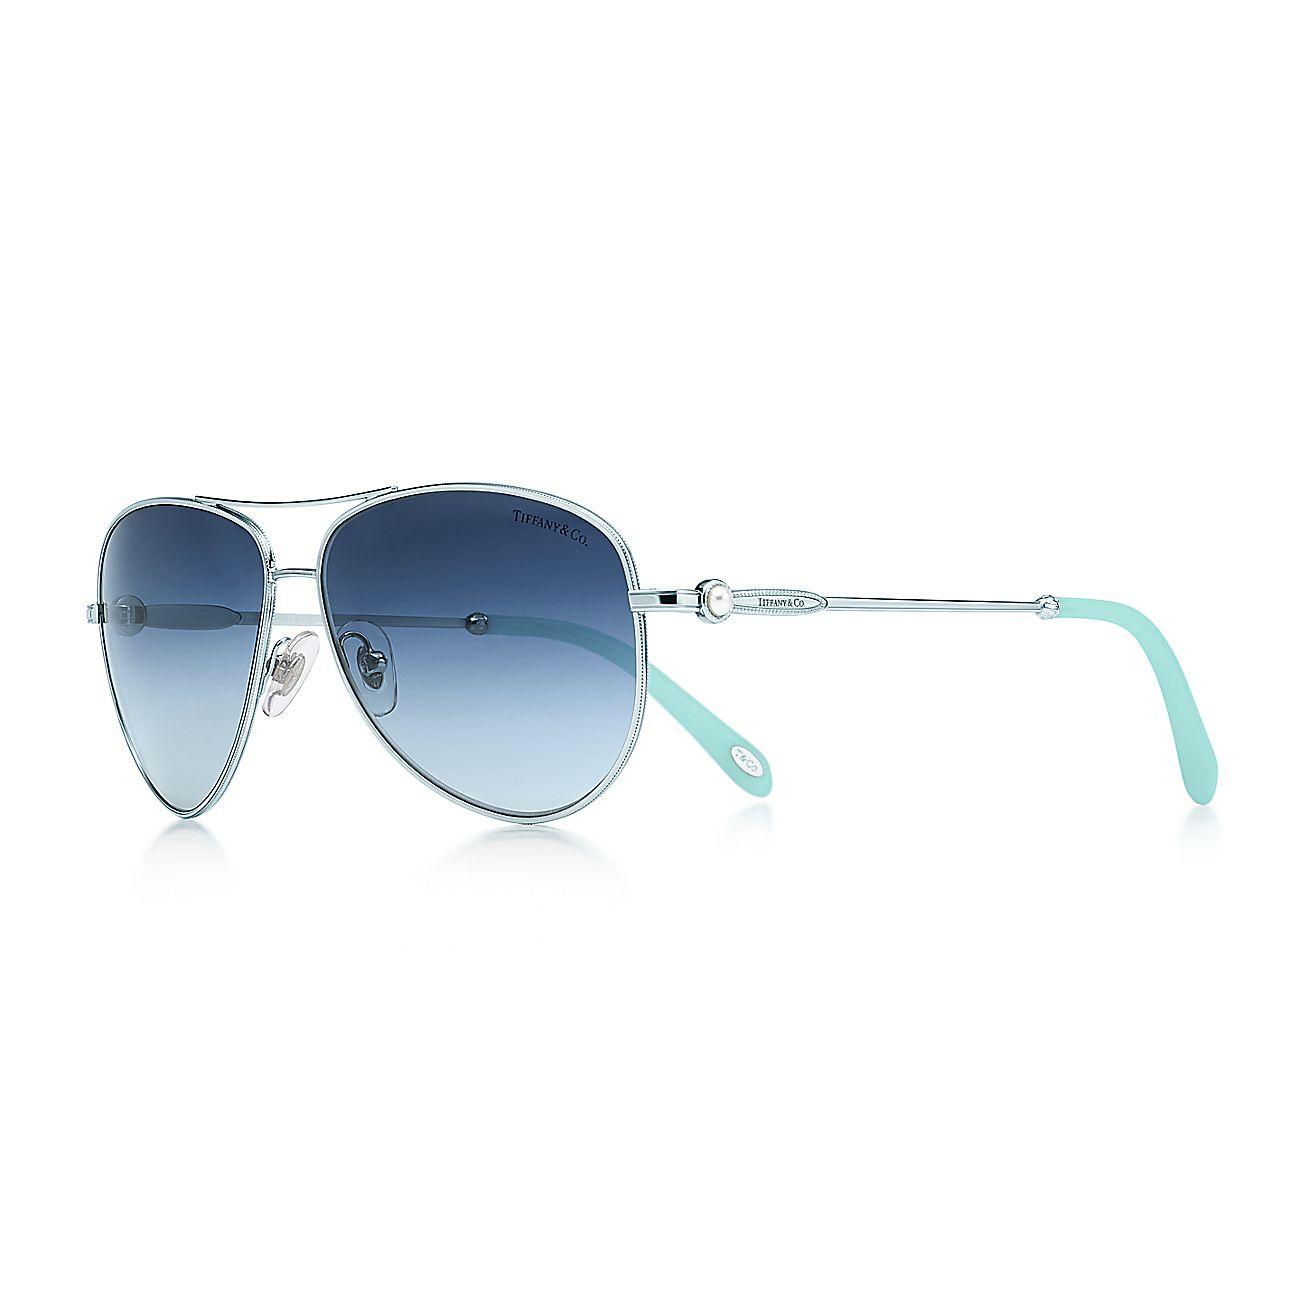 a6ef0e3c74e1 Tiffany Aviator Sunglasses Silver « Heritage Malta